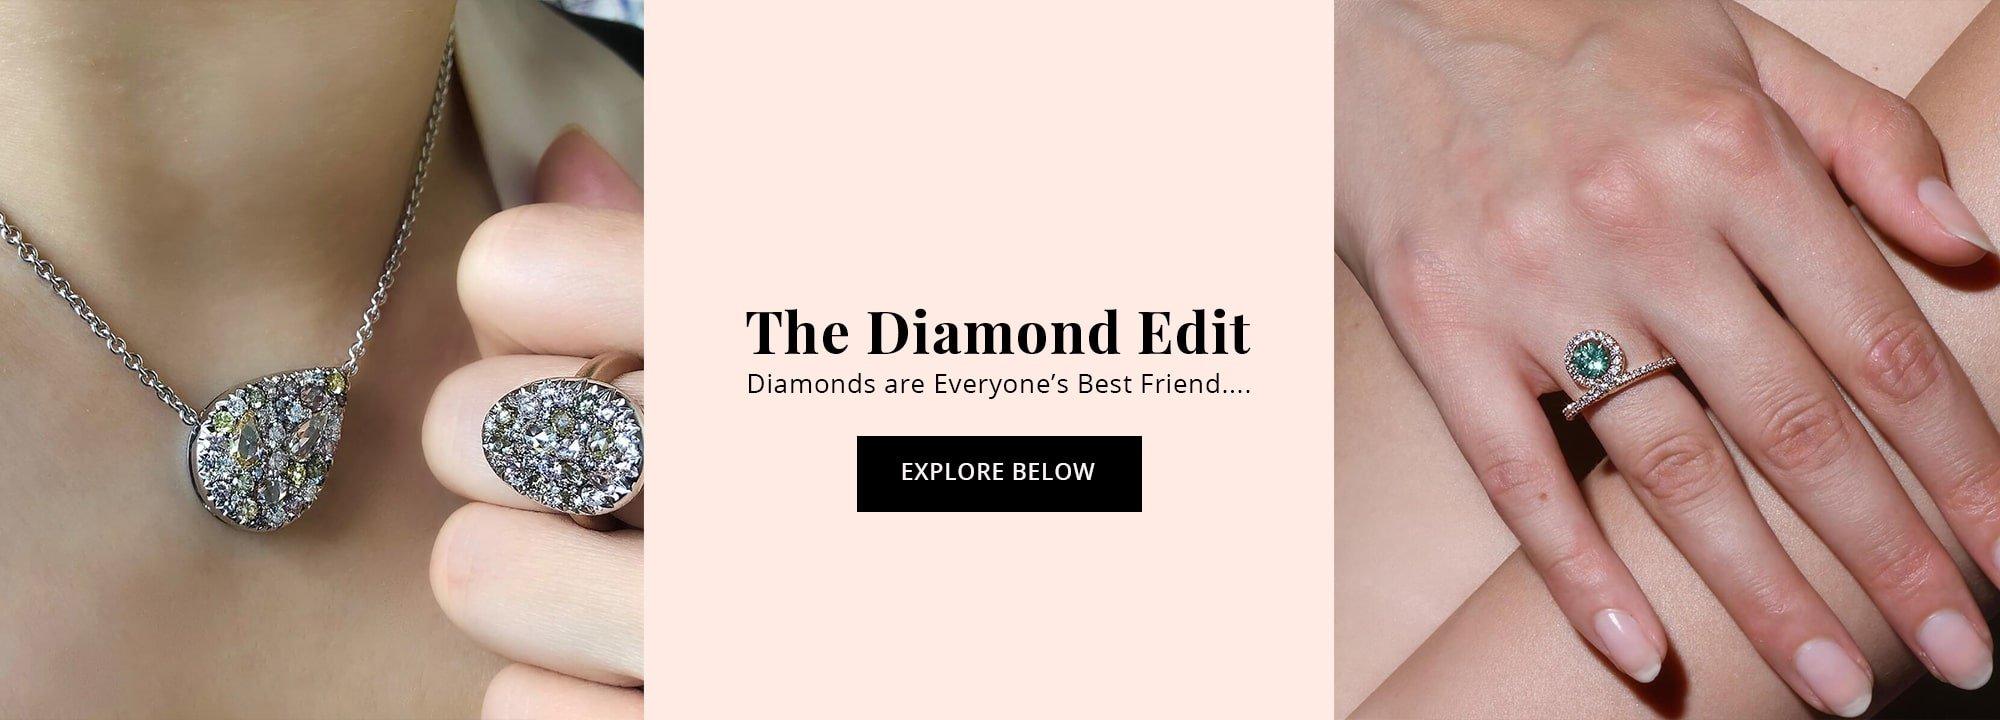 The Diamond Edit